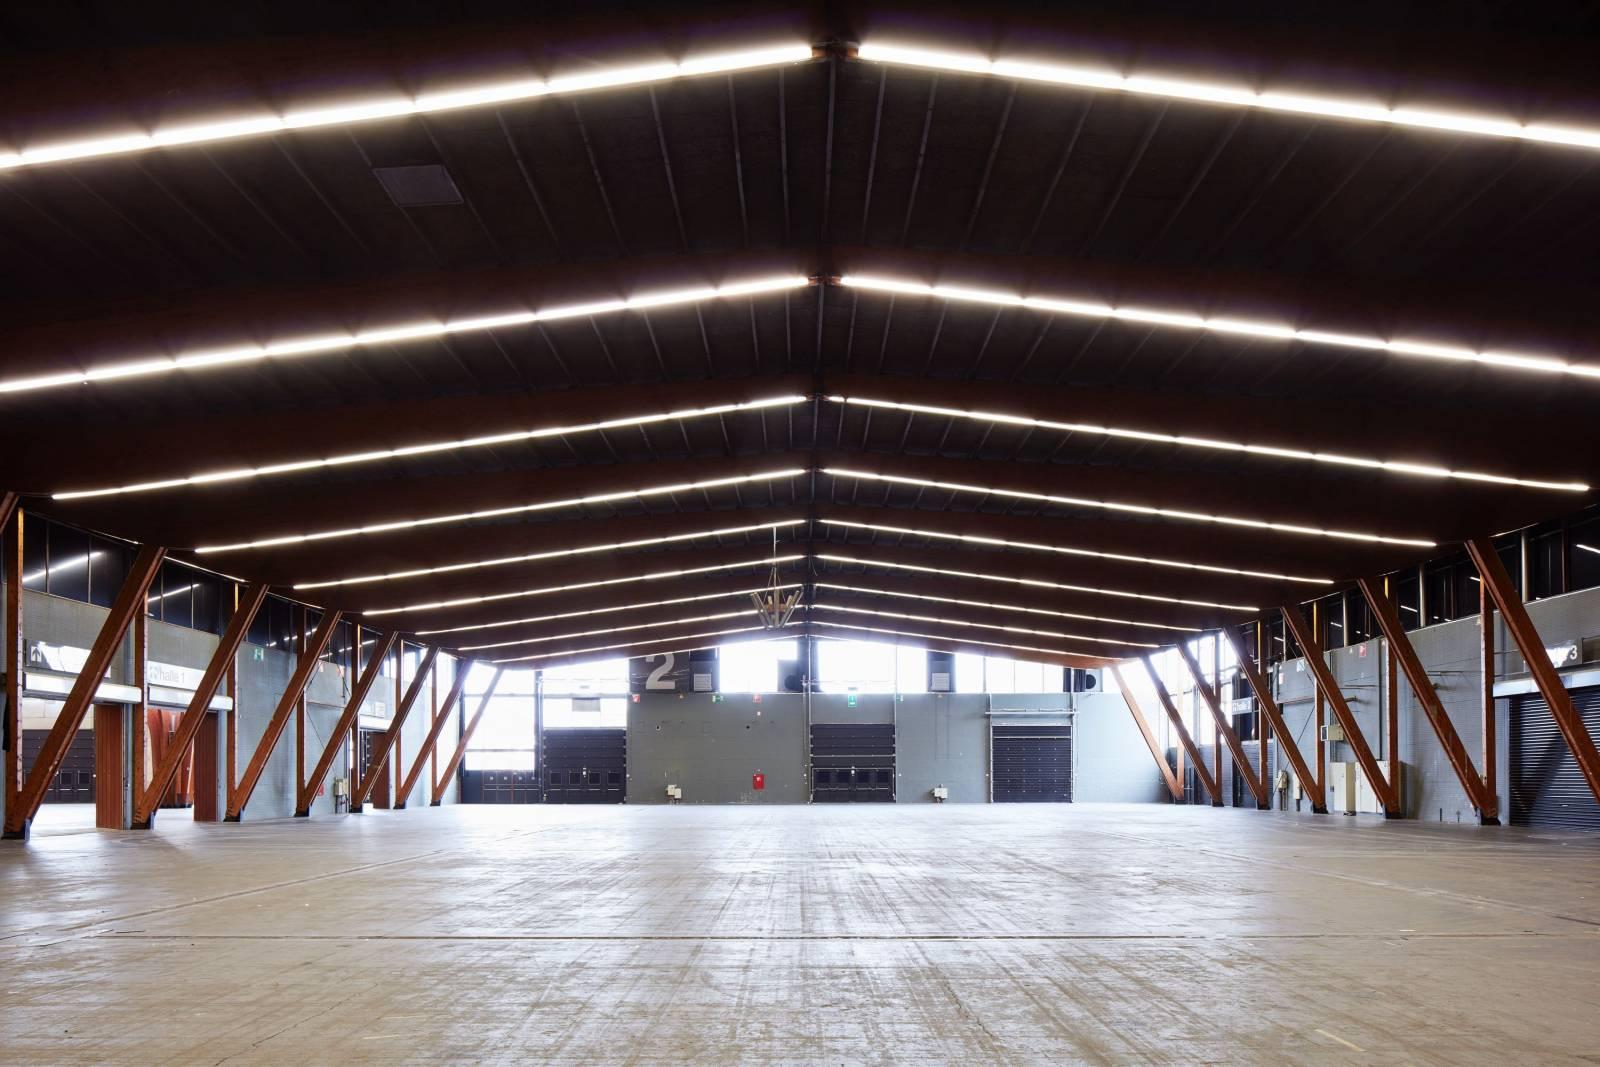 Kortrijk Xpo - Eventlocatie - Feestzaal - Kortrijk - Expohal - House of Events - 7